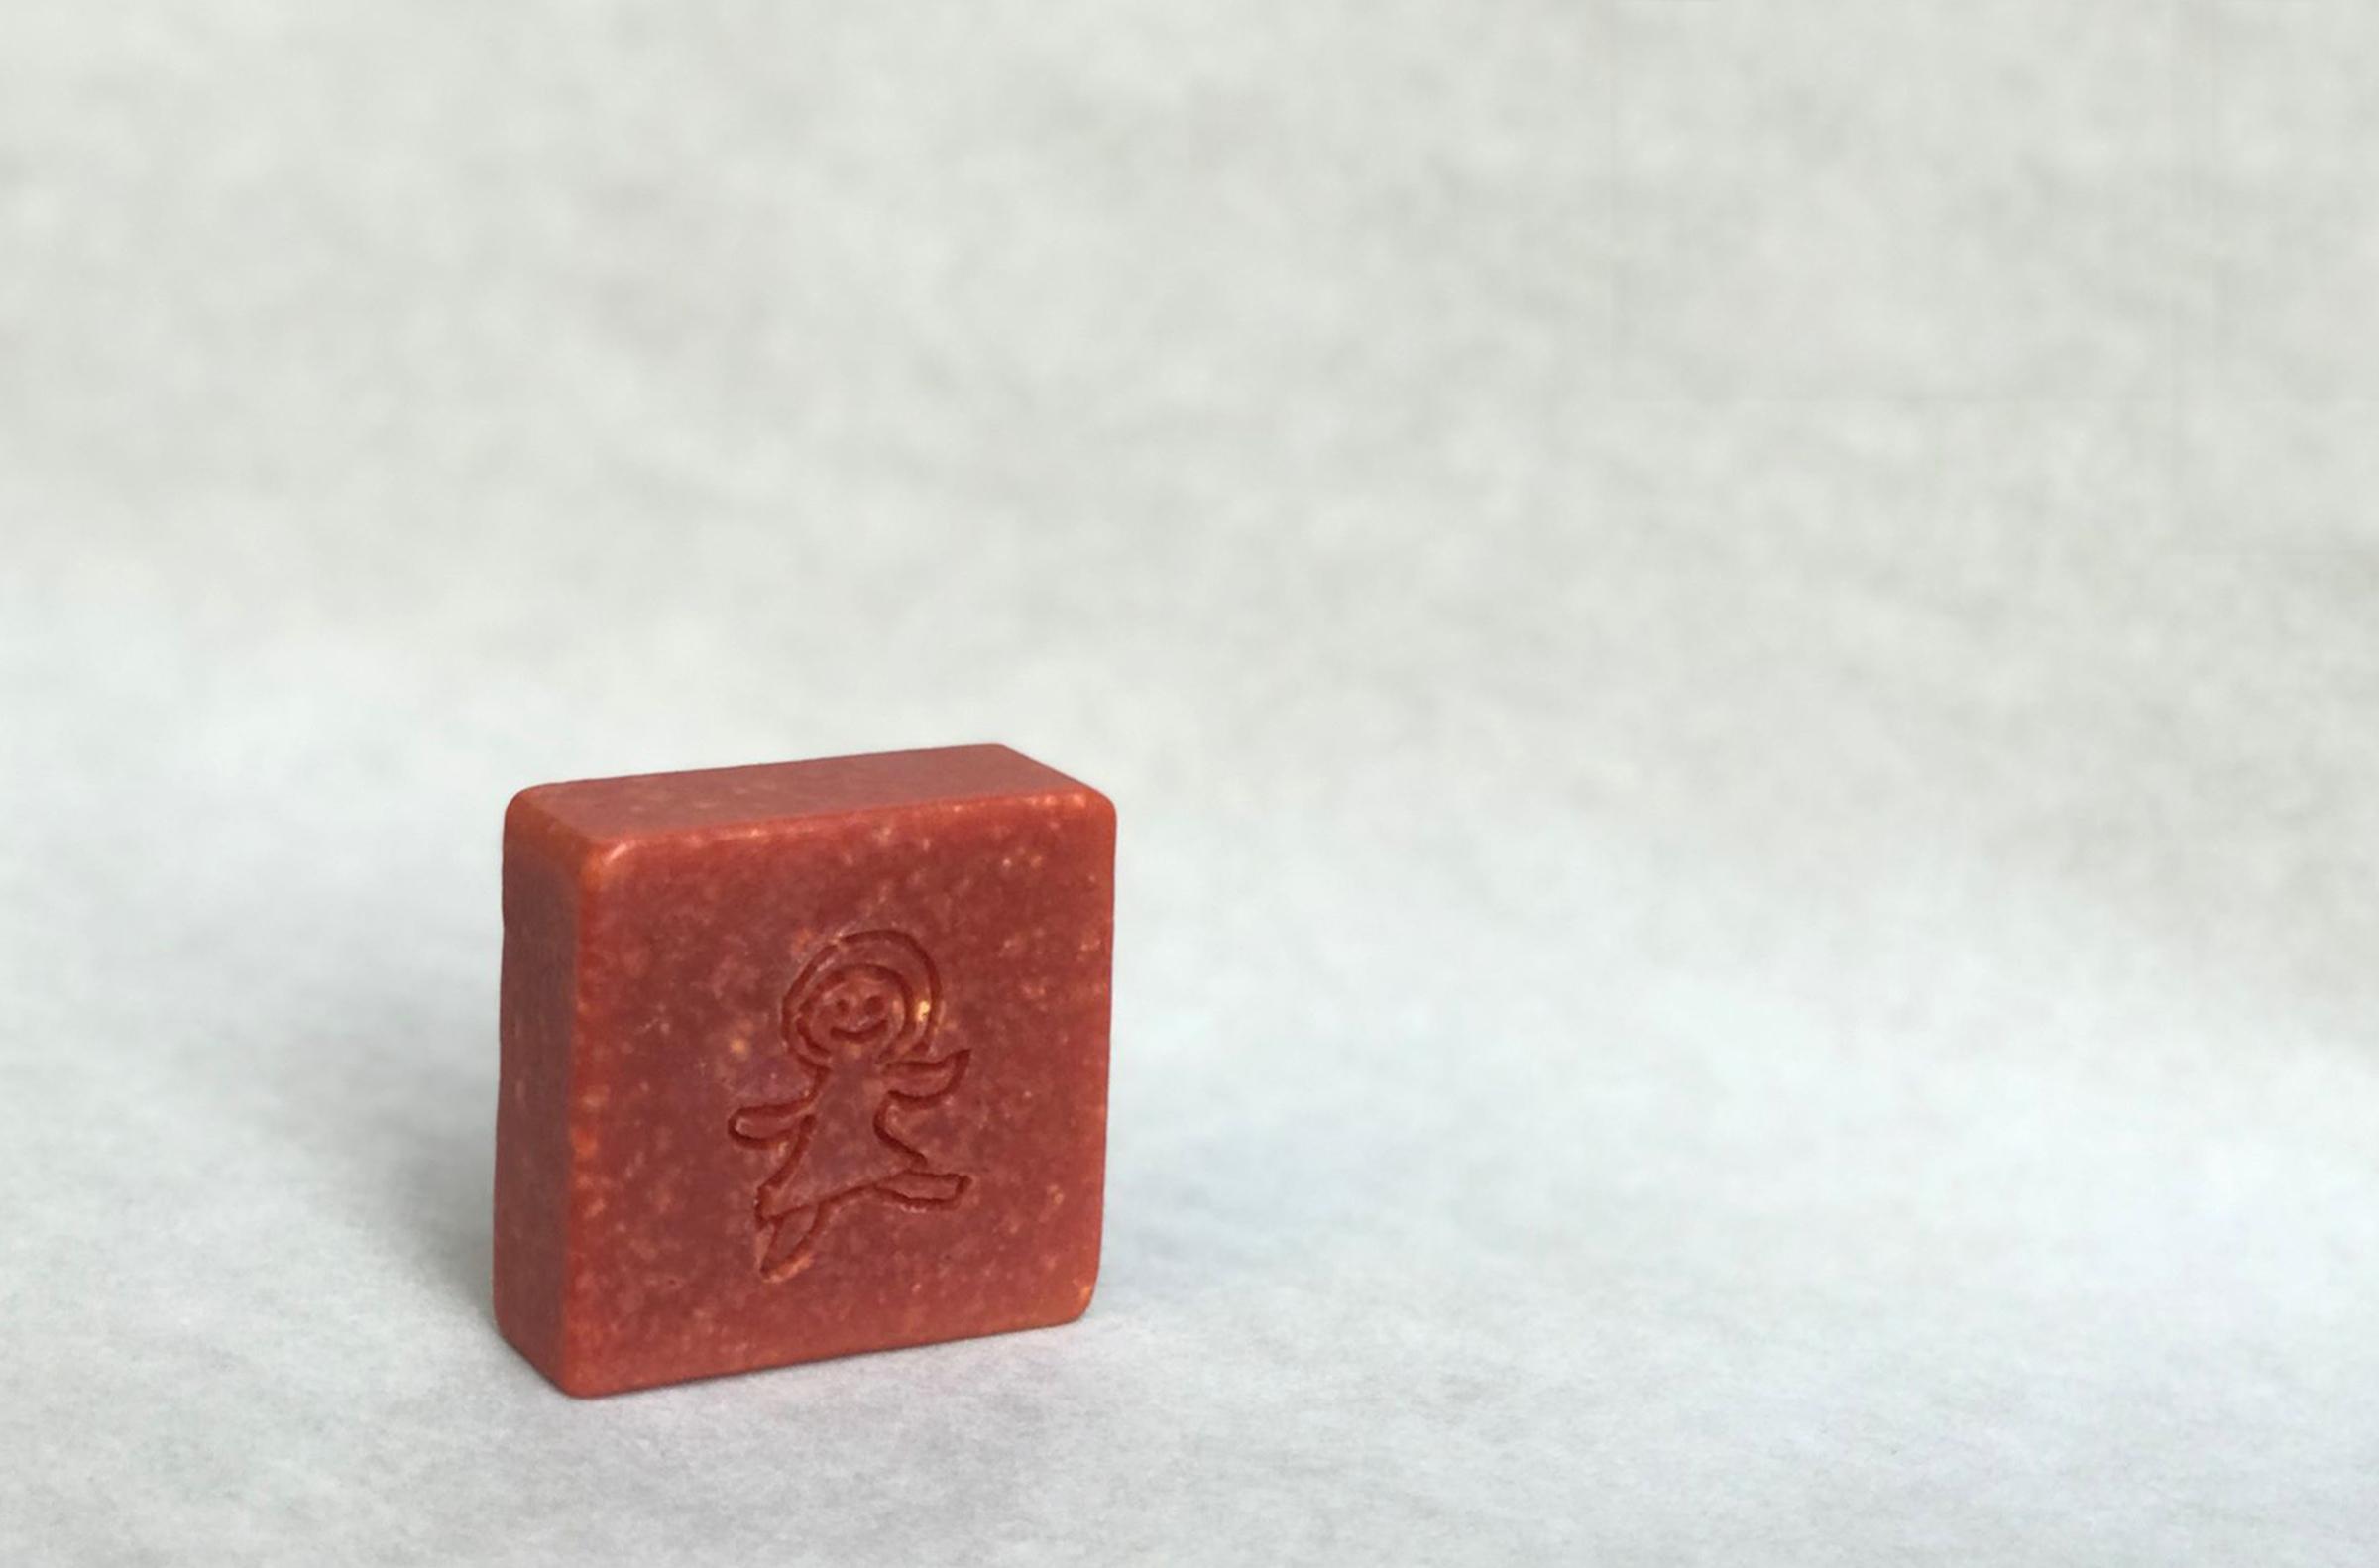 紅番茄.jpg